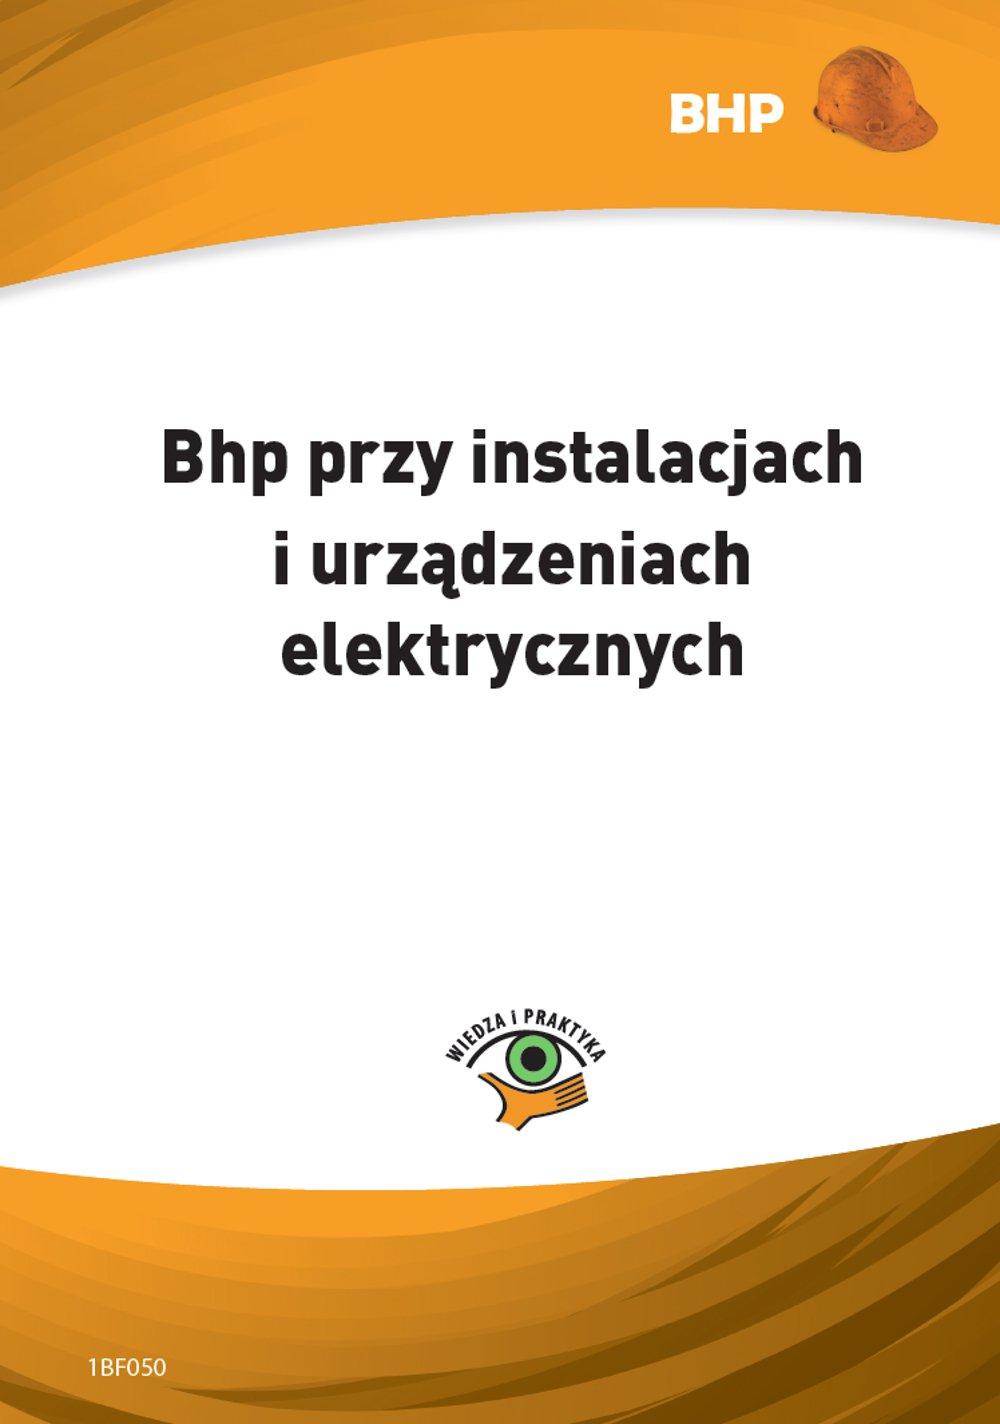 Bhp przy instalacjach i urządzeniach elektrycznych - Ebook (Książka PDF) do pobrania w formacie PDF